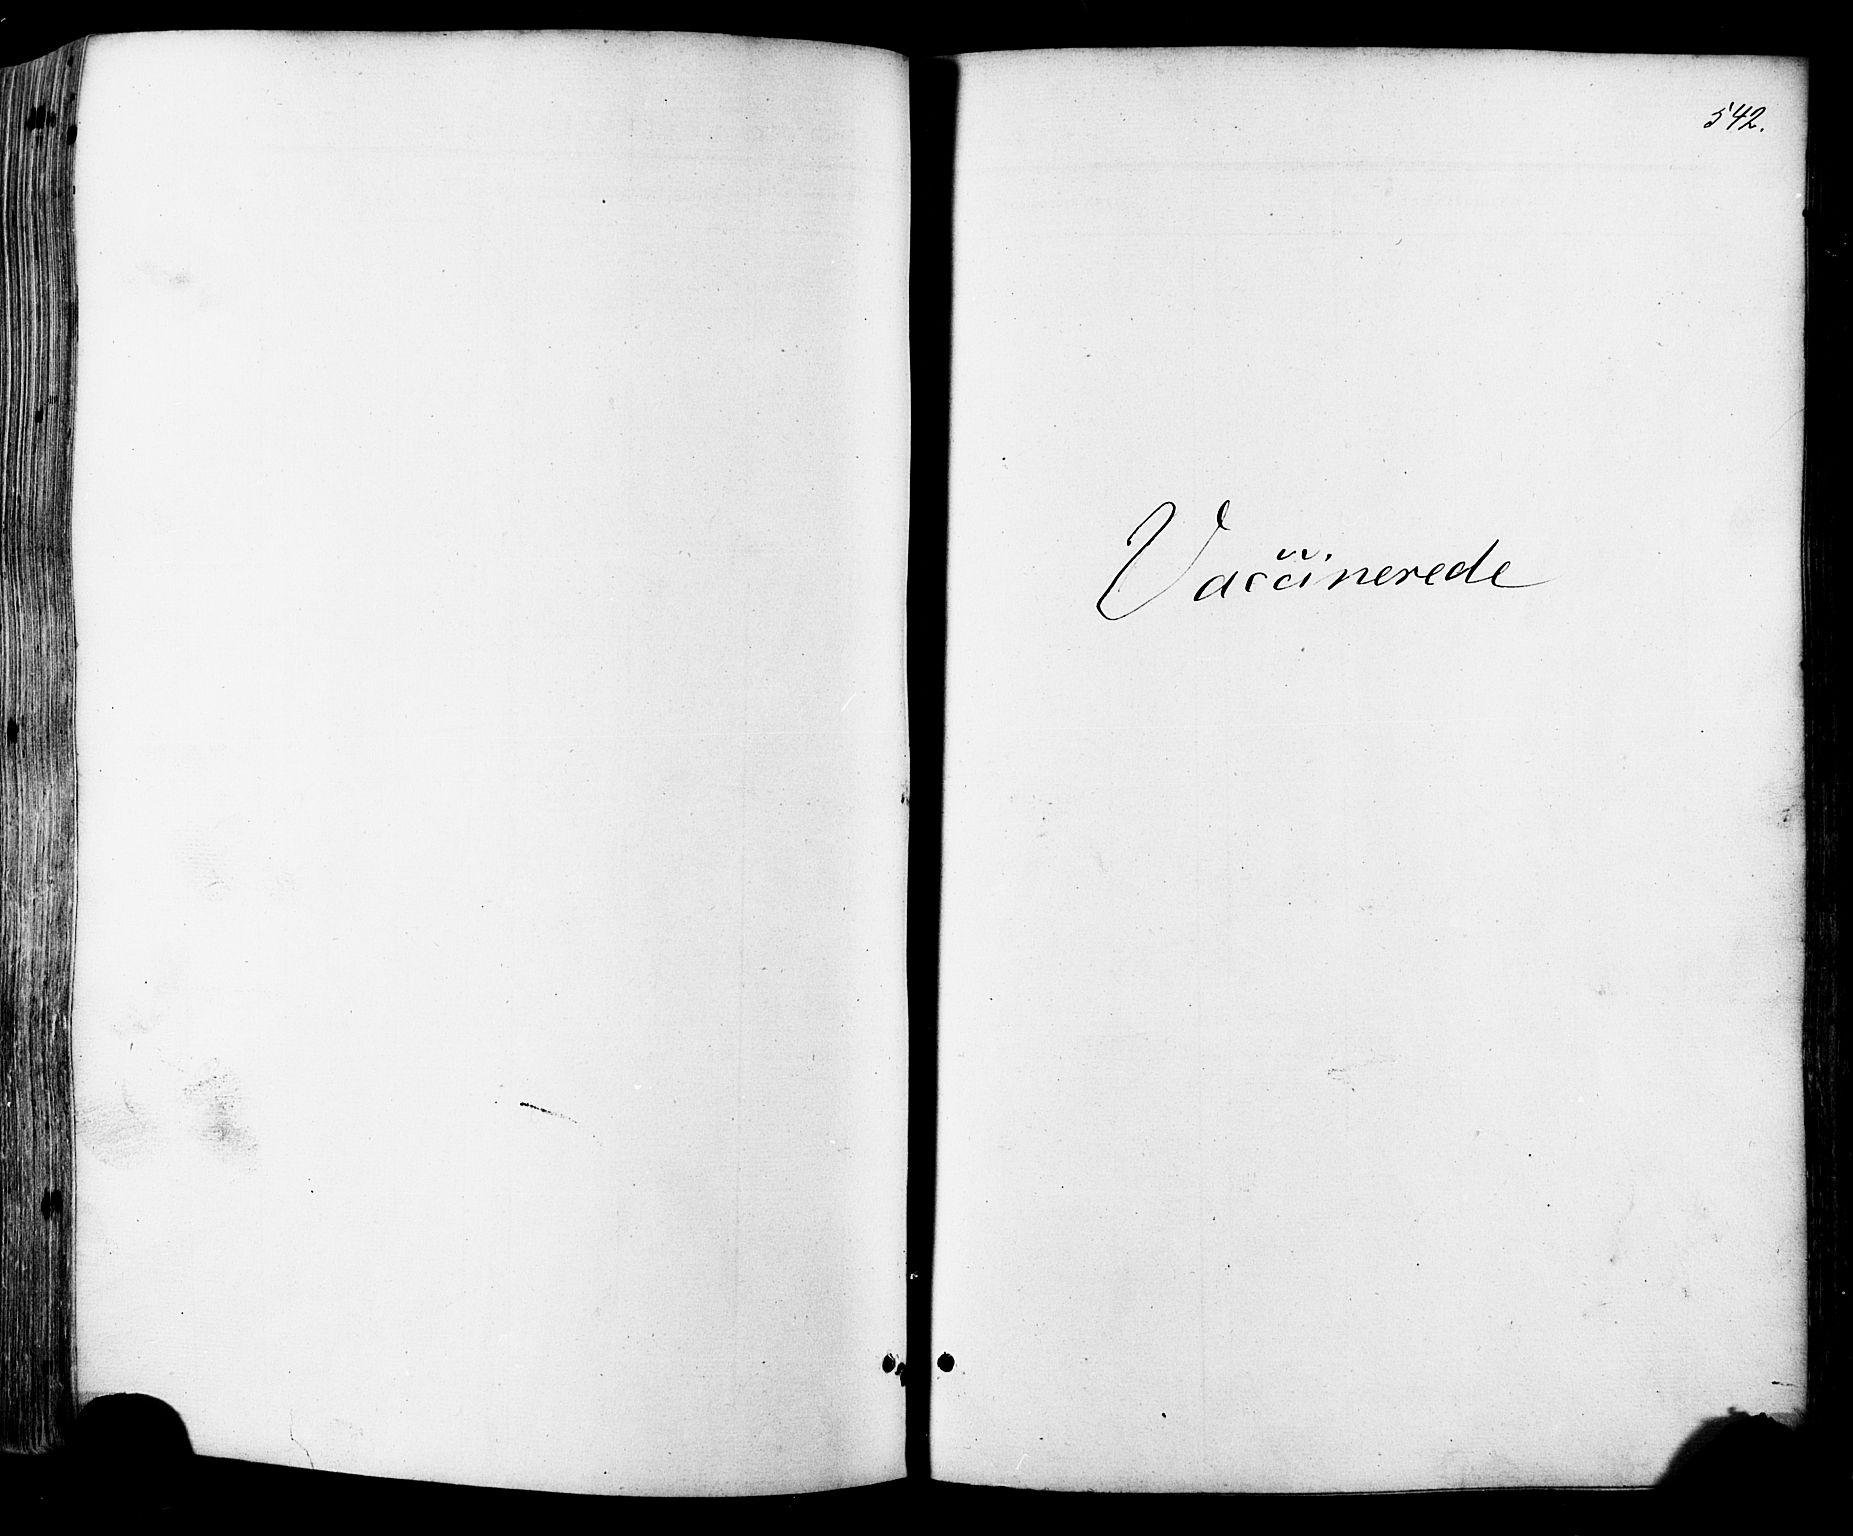 SAT, Ministerialprotokoller, klokkerbøker og fødselsregistre - Sør-Trøndelag, 681/L0932: Ministerialbok nr. 681A10, 1860-1878, s. 542